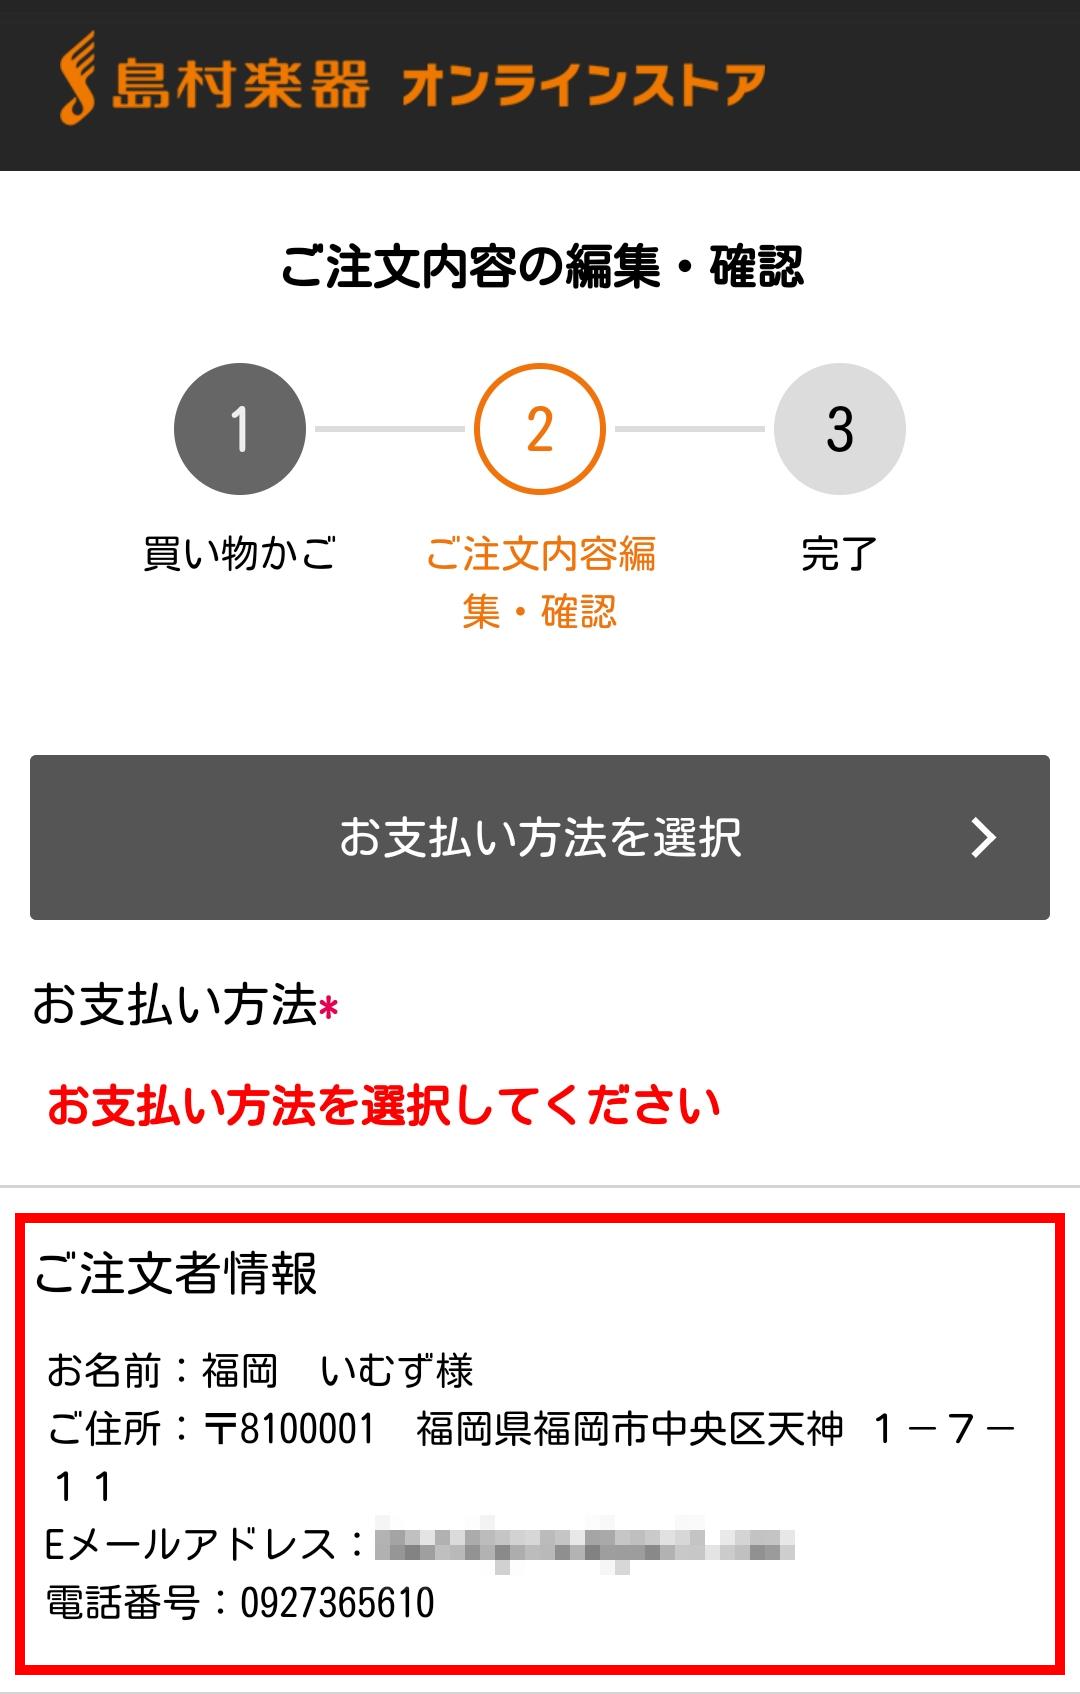 オンラインストア説明_ご注文者情報